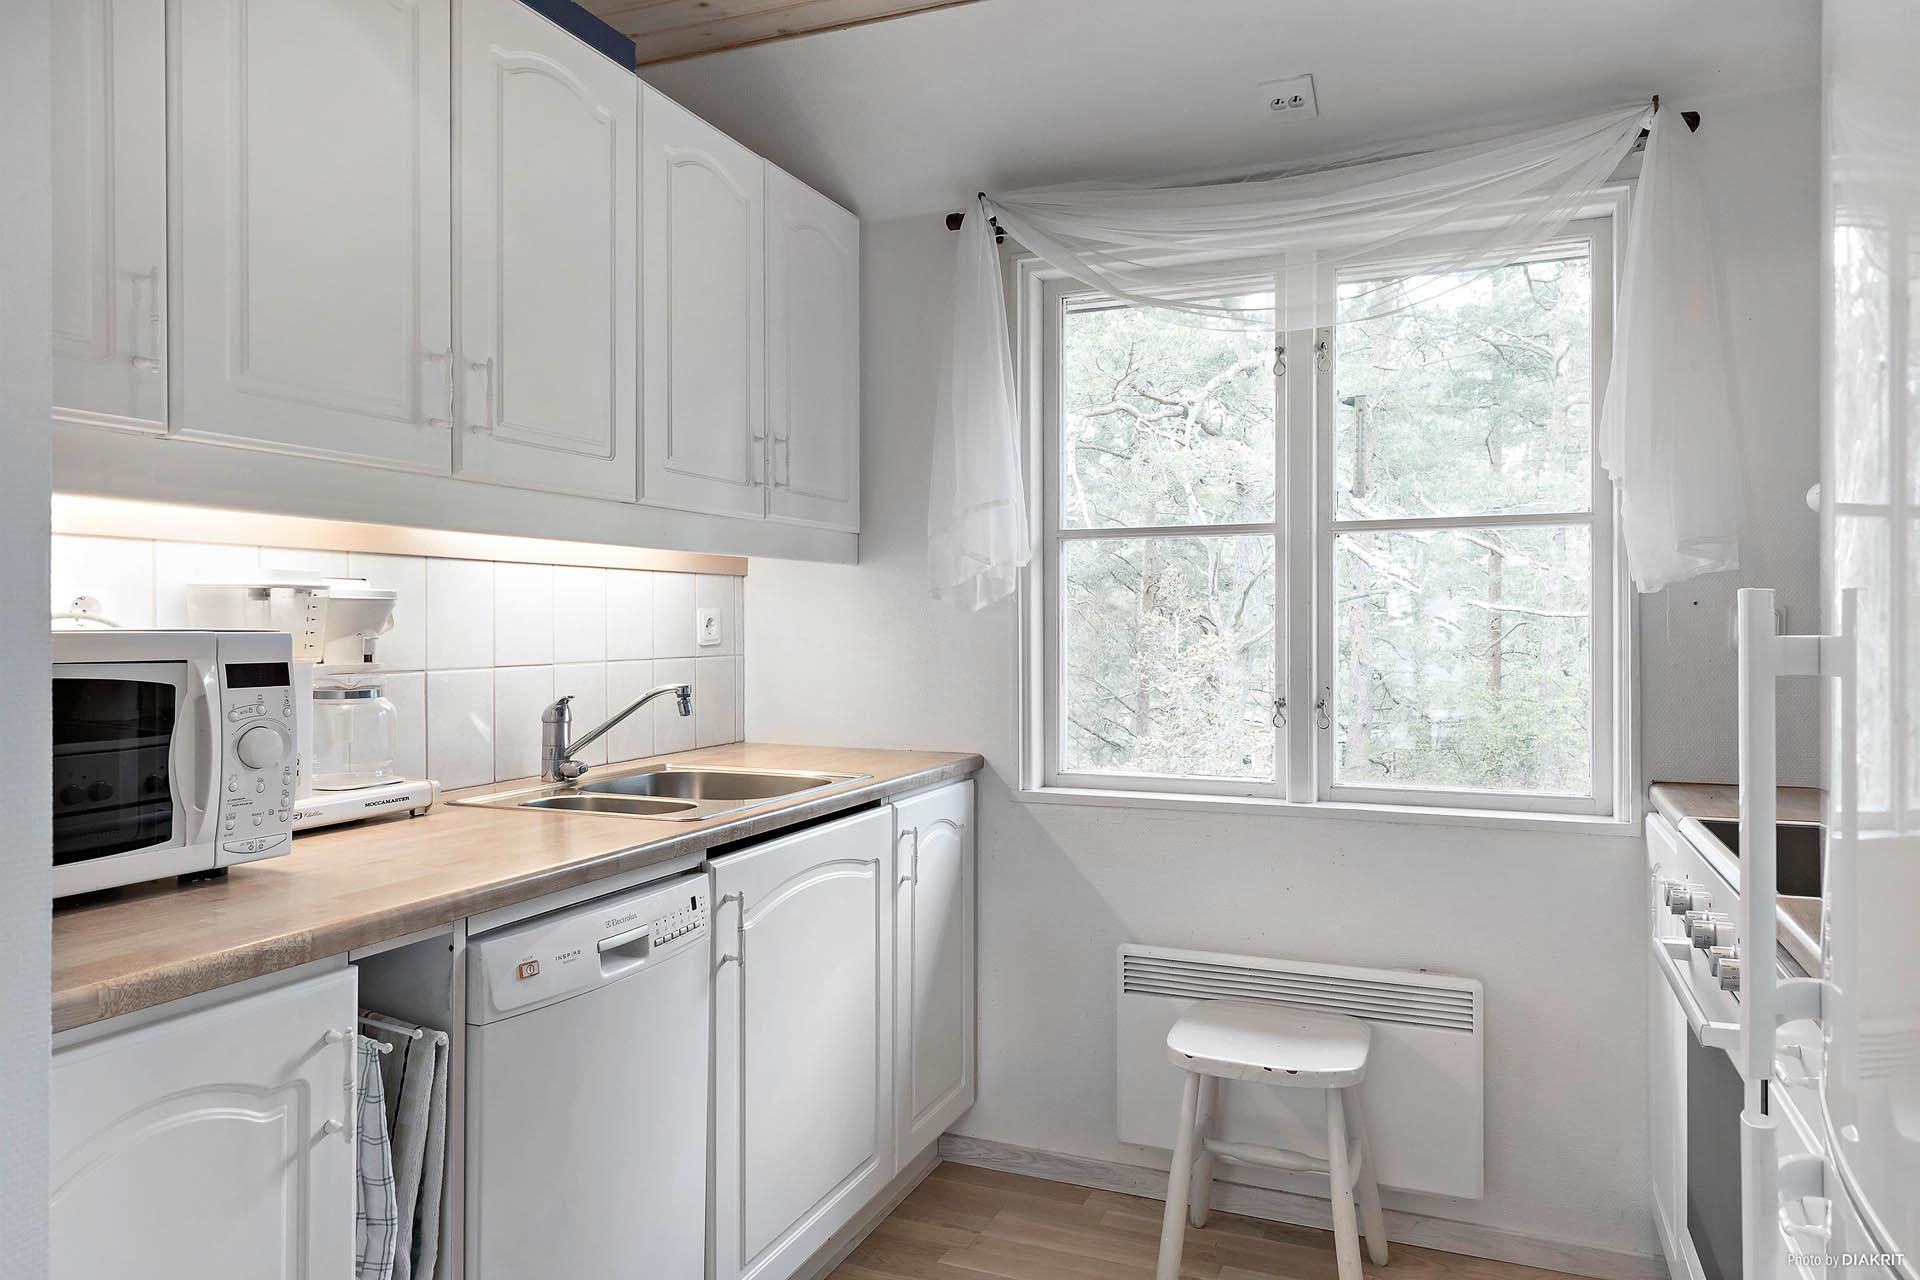 Stilrent arbetskök med vita köksluckor